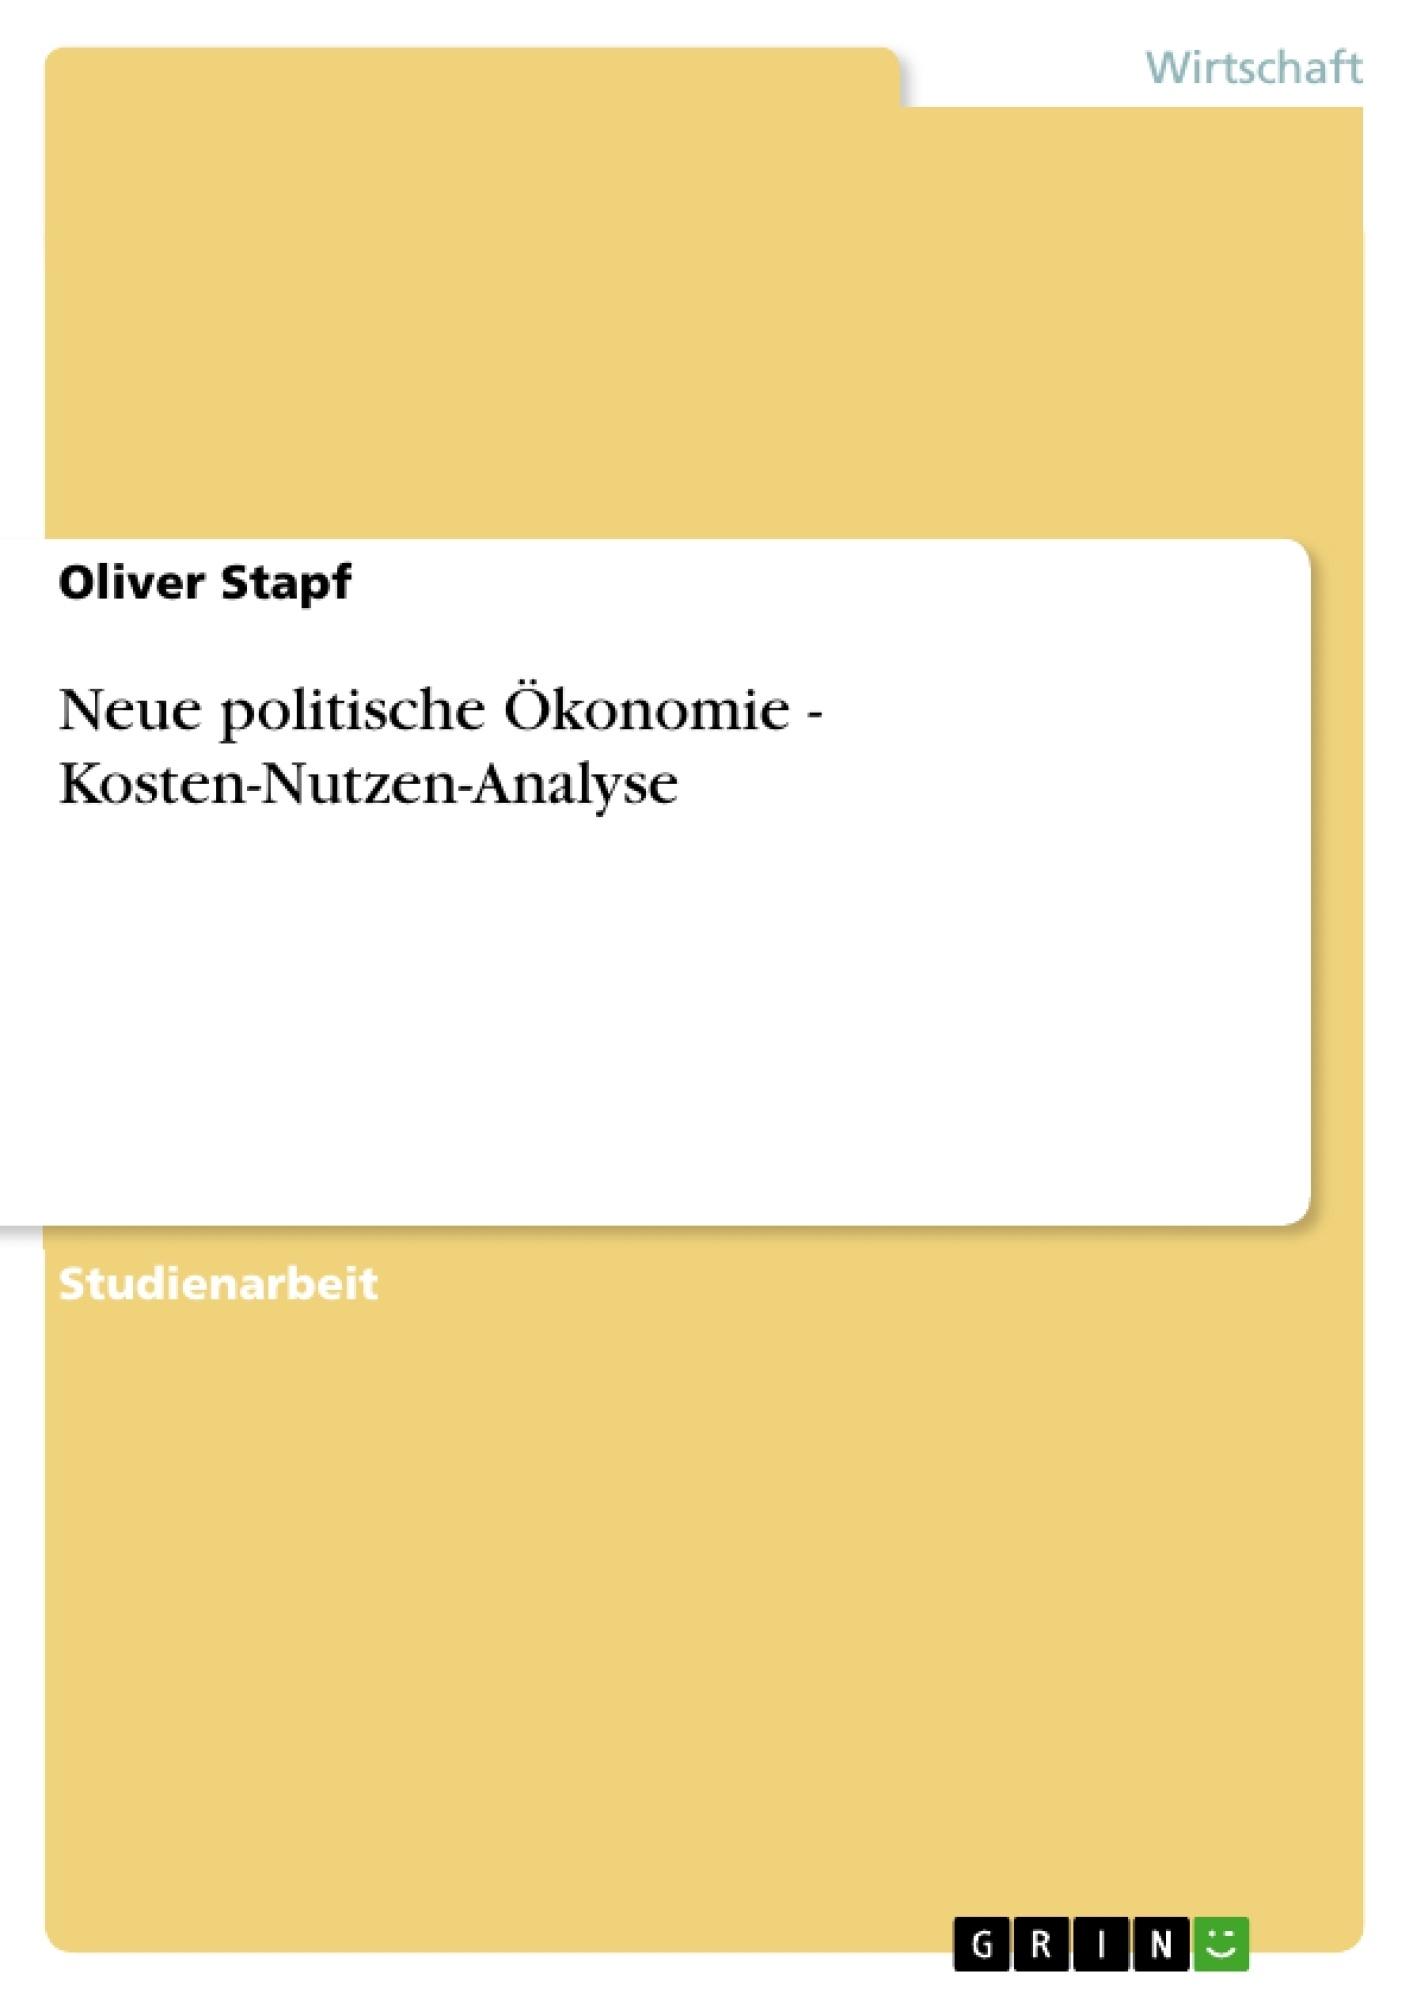 Titel: Neue politische Ökonomie - Kosten-Nutzen-Analyse